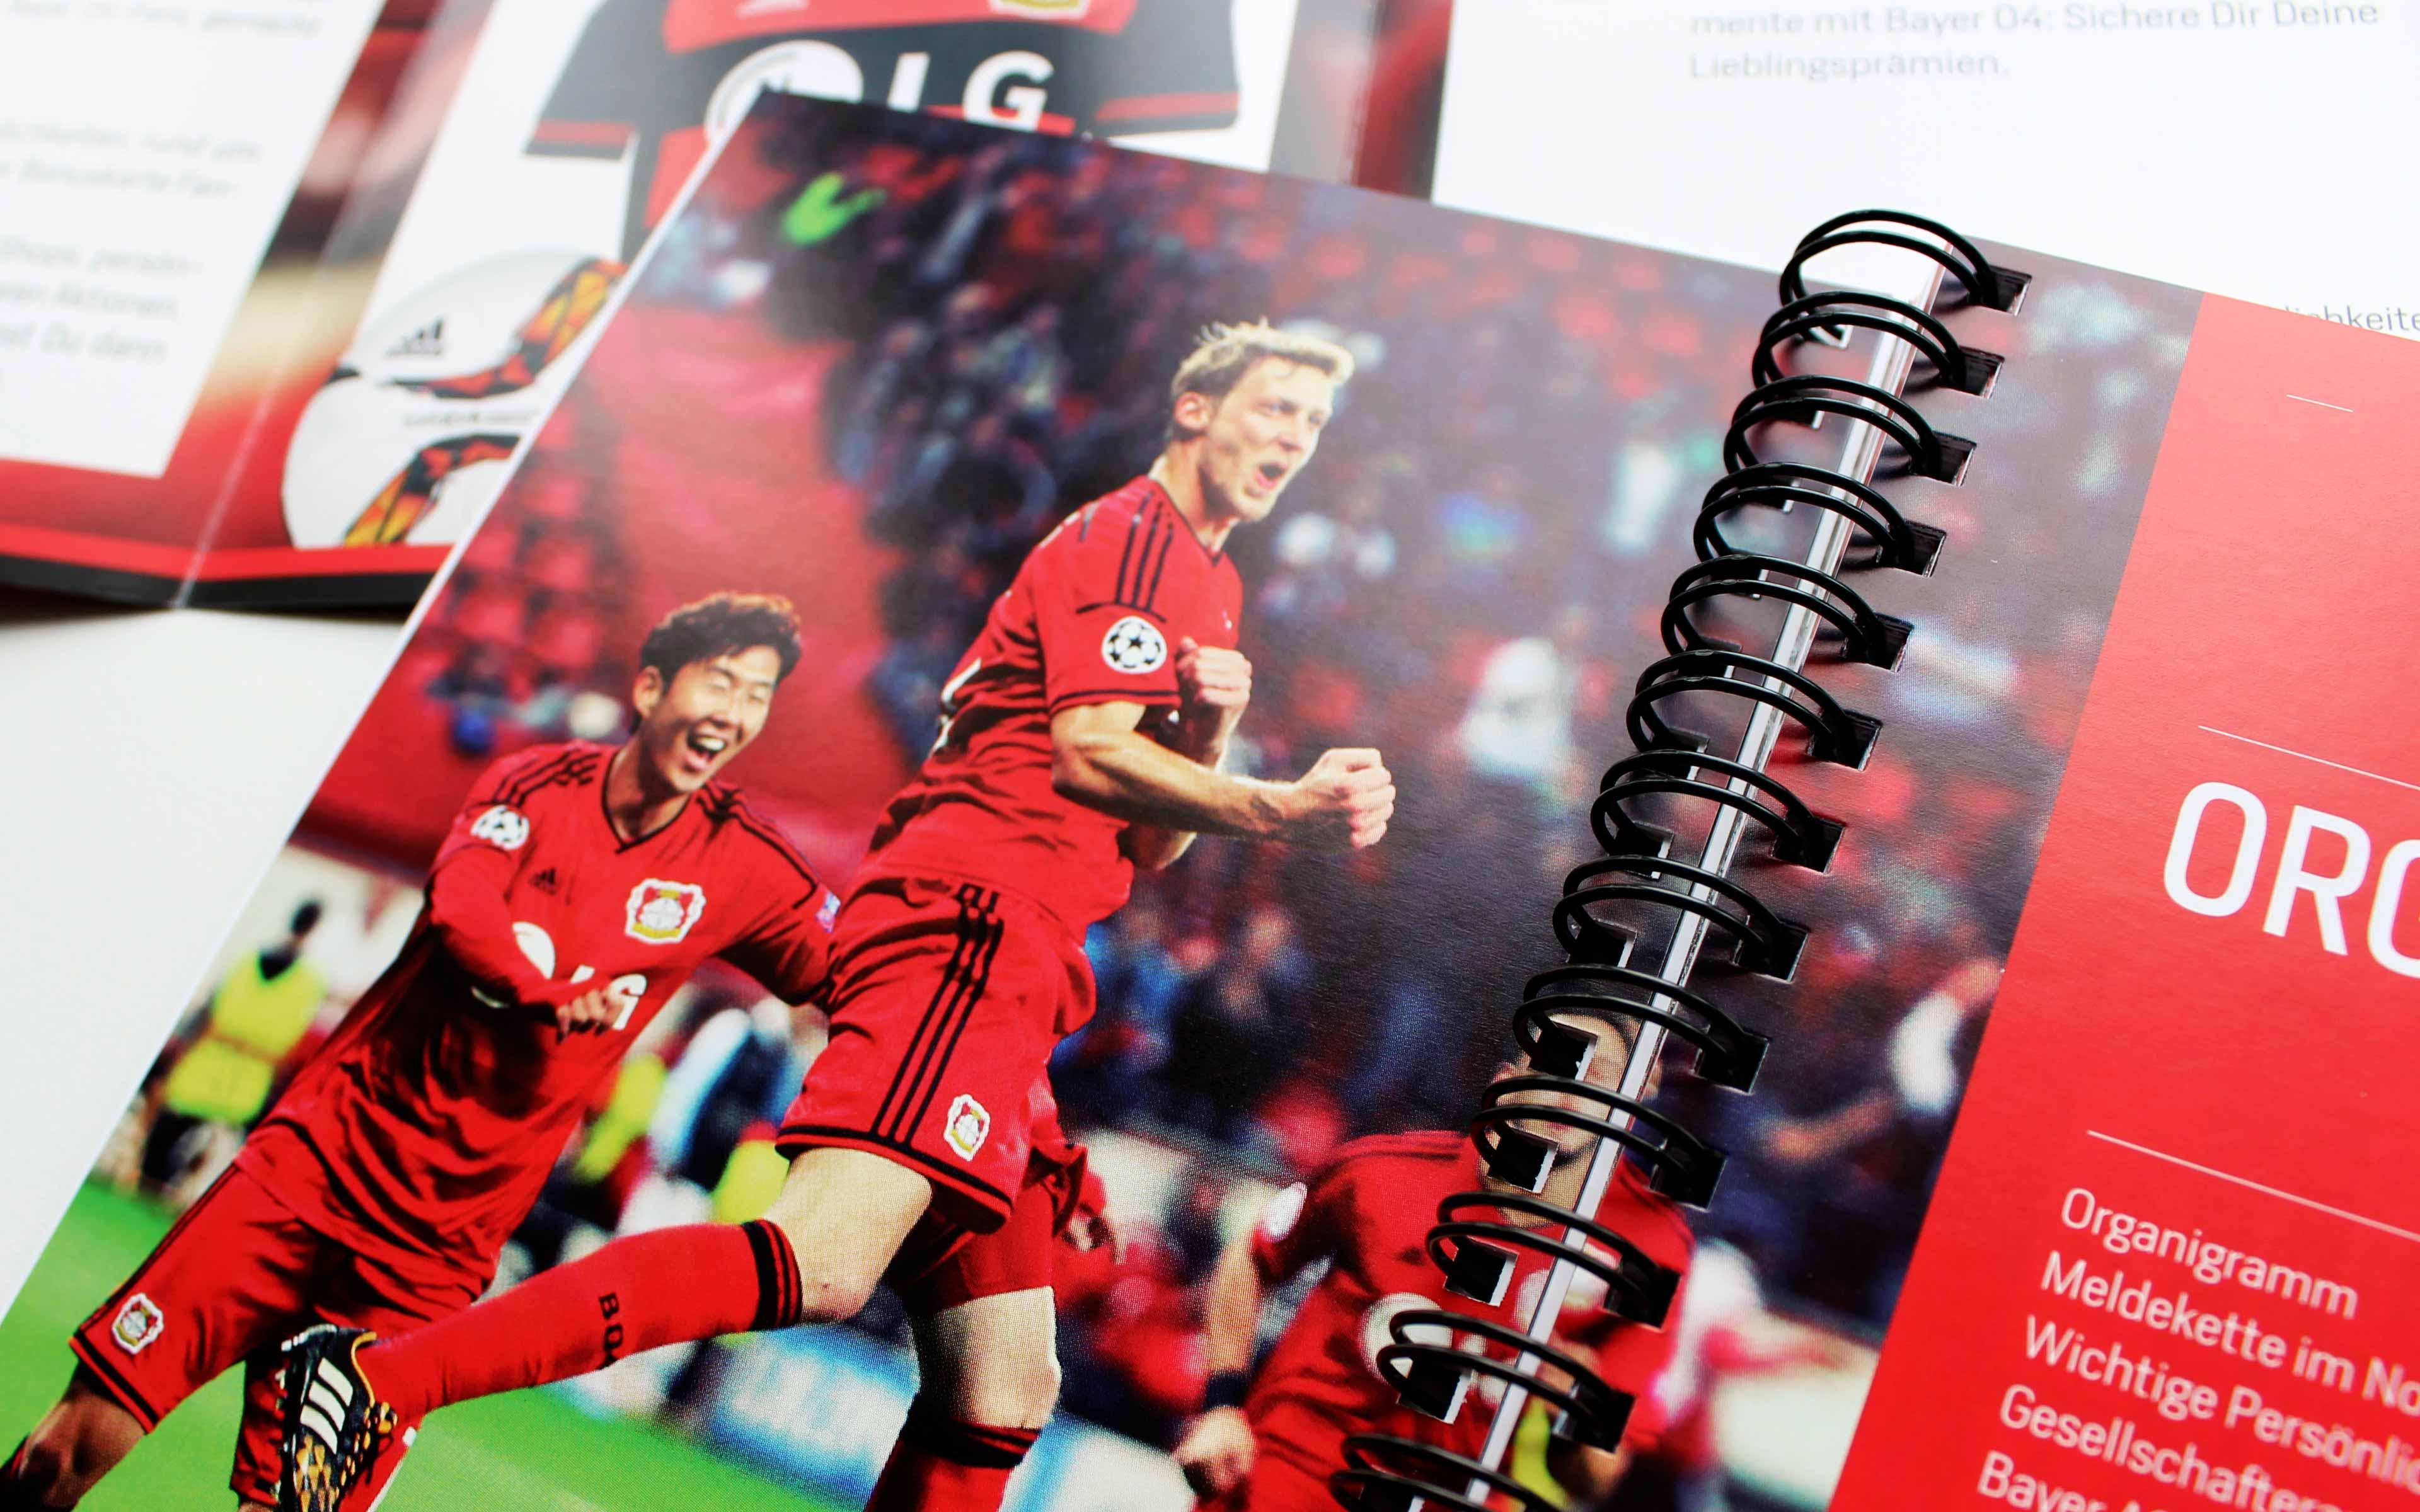 NEWS 08-2015, Bayer 04 Saisonauftrakt, Gestaltung diverser Kommunikationsmedien